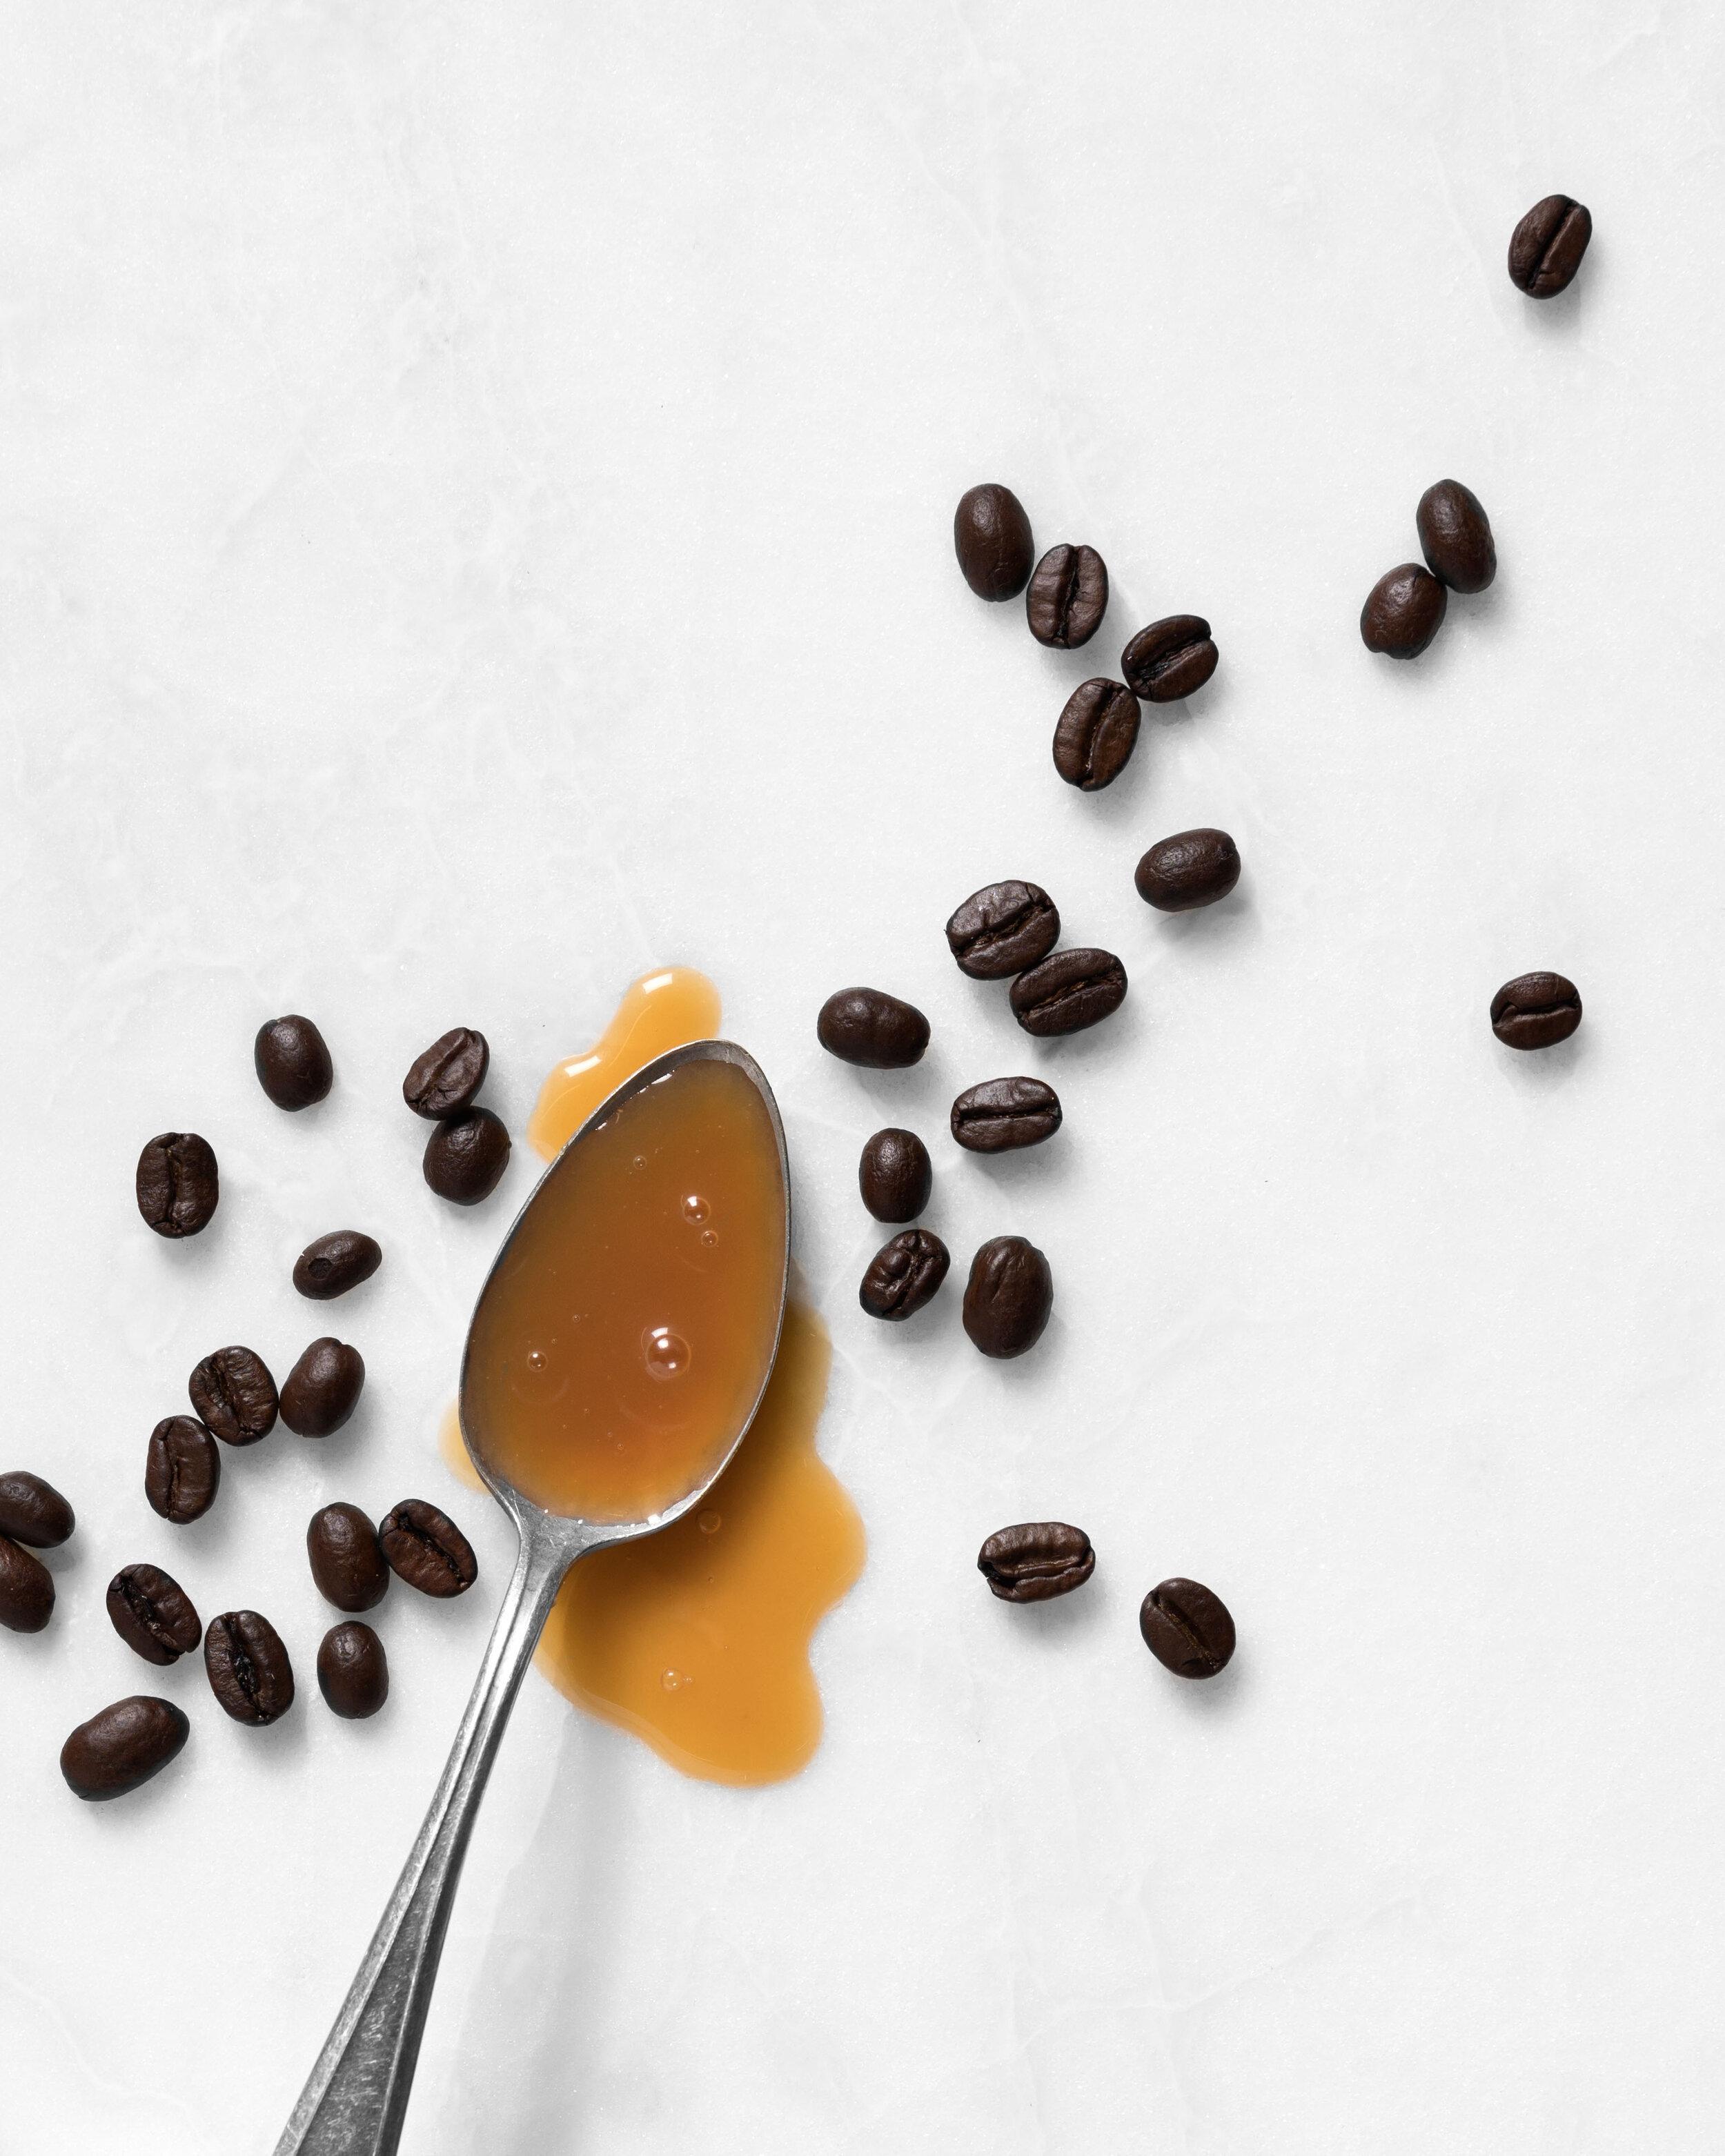 CFA19_IM_BTS_SOC_flavorcues_spoon_beans_0001_4x5.jpg